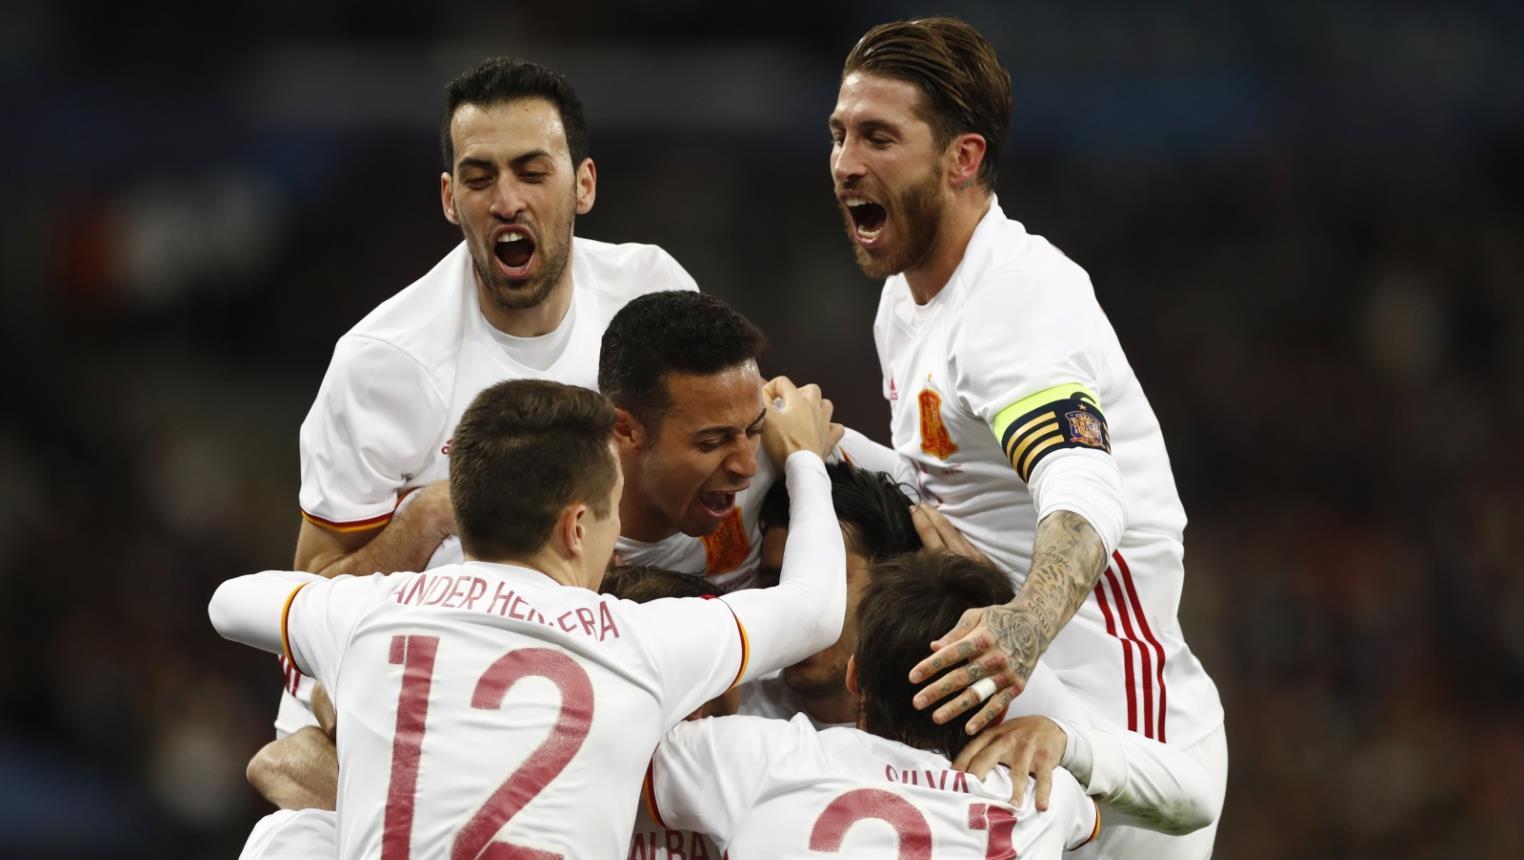 Photo of دوري الأمم الأوروبية: انكلترا تنهزم على أرضها أمام اسبانيا 2-1